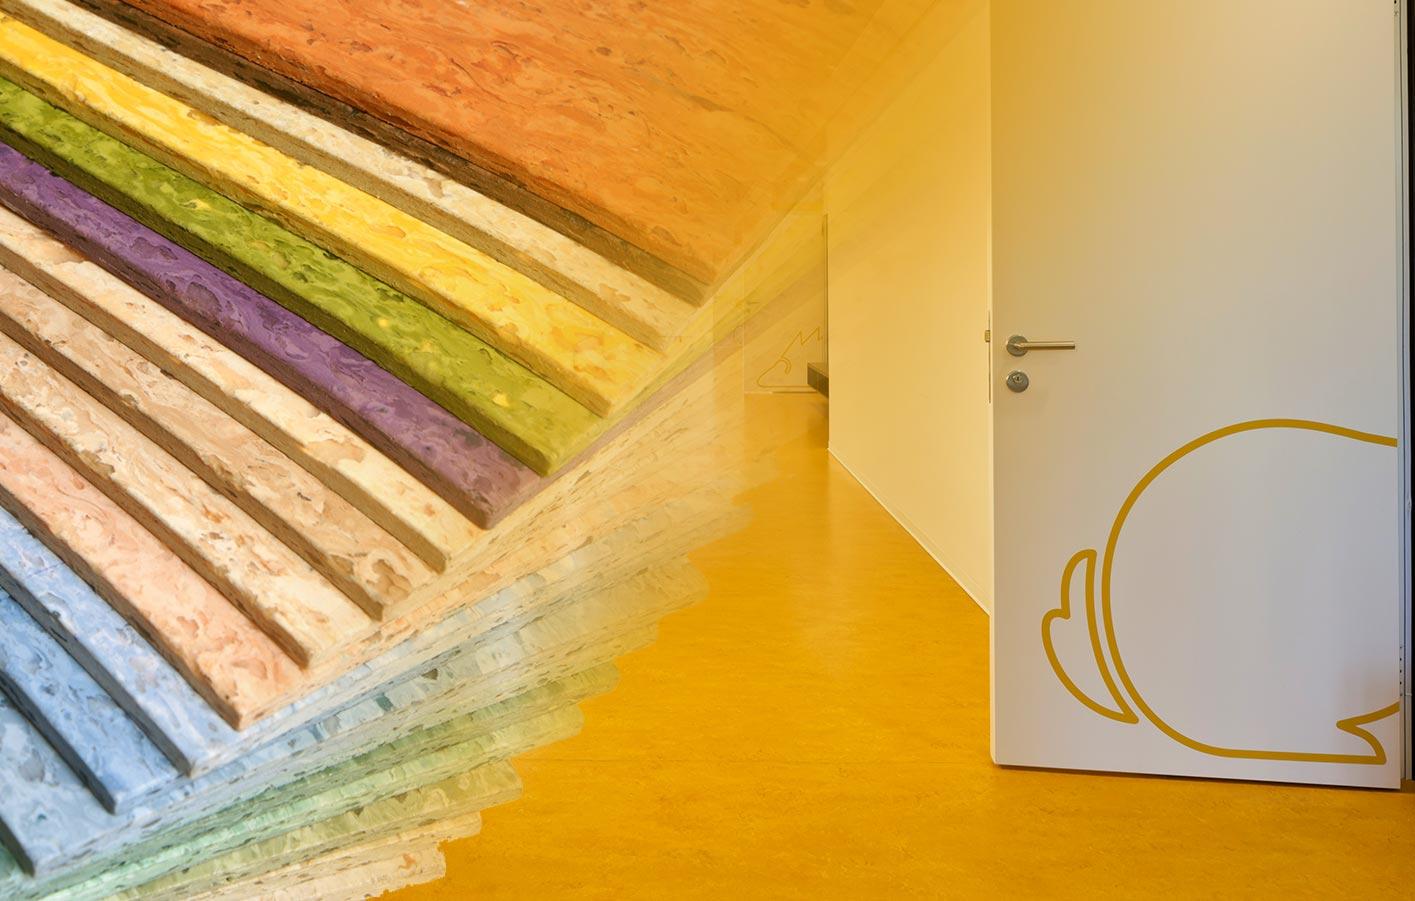 kche und co weilheim kche with kche und co weilheim. Black Bedroom Furniture Sets. Home Design Ideas